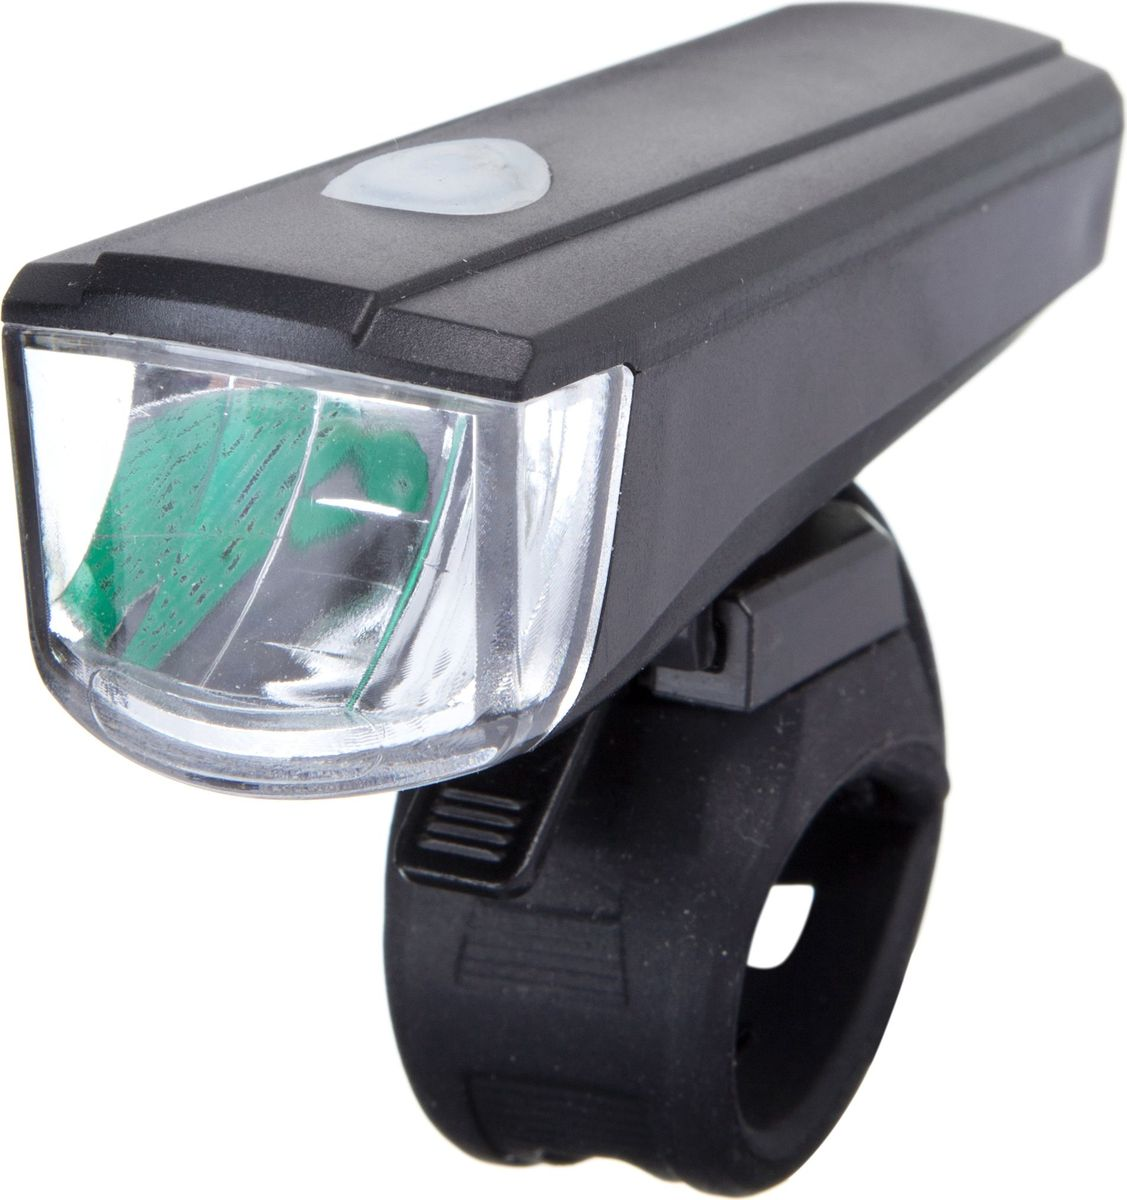 Фонарь велосипедный STG JY7036, переднийХ81480Легкий и компактный передний фонарь STG JY7036 позволит вам без опаски кататься ночью и при плохой видимости на дорогах. Изделие выполнено из прочного пластика и металла, имеет 2 режима работы. В качестве элементов питания используются 3 батарейки ААА.Гид по велоаксессуарам. Статья OZON Гид